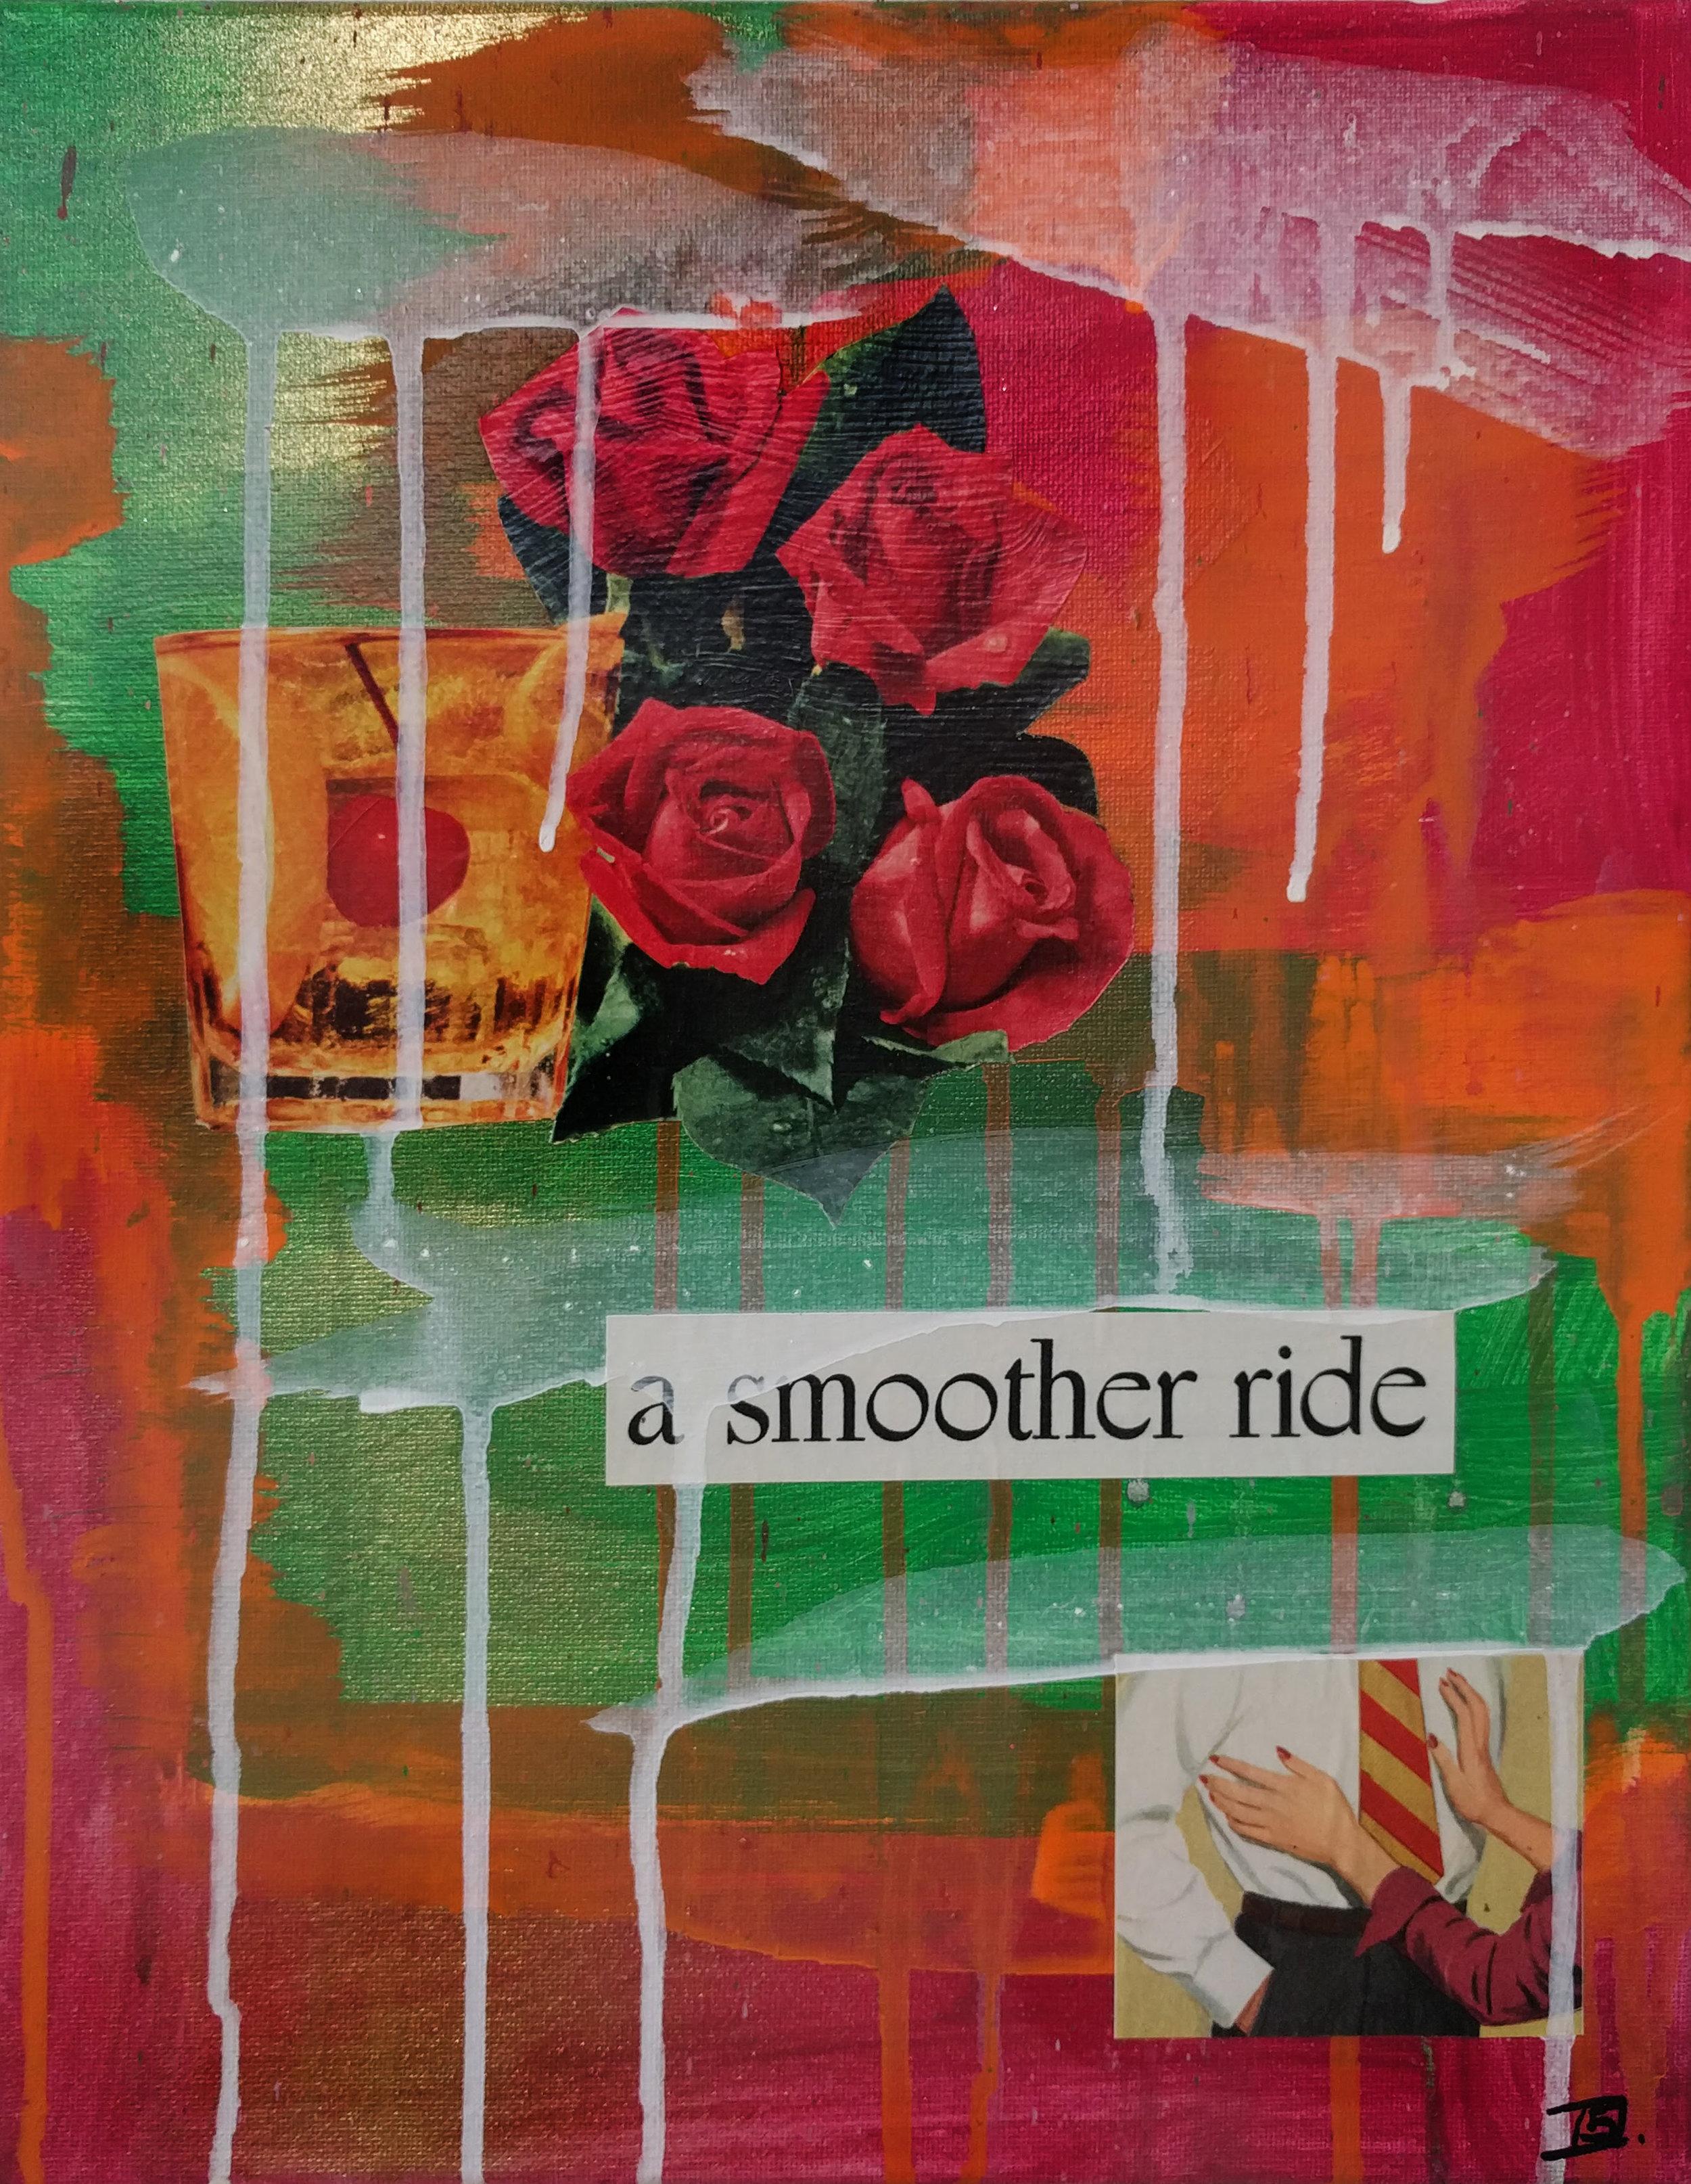 smoothride.jpg